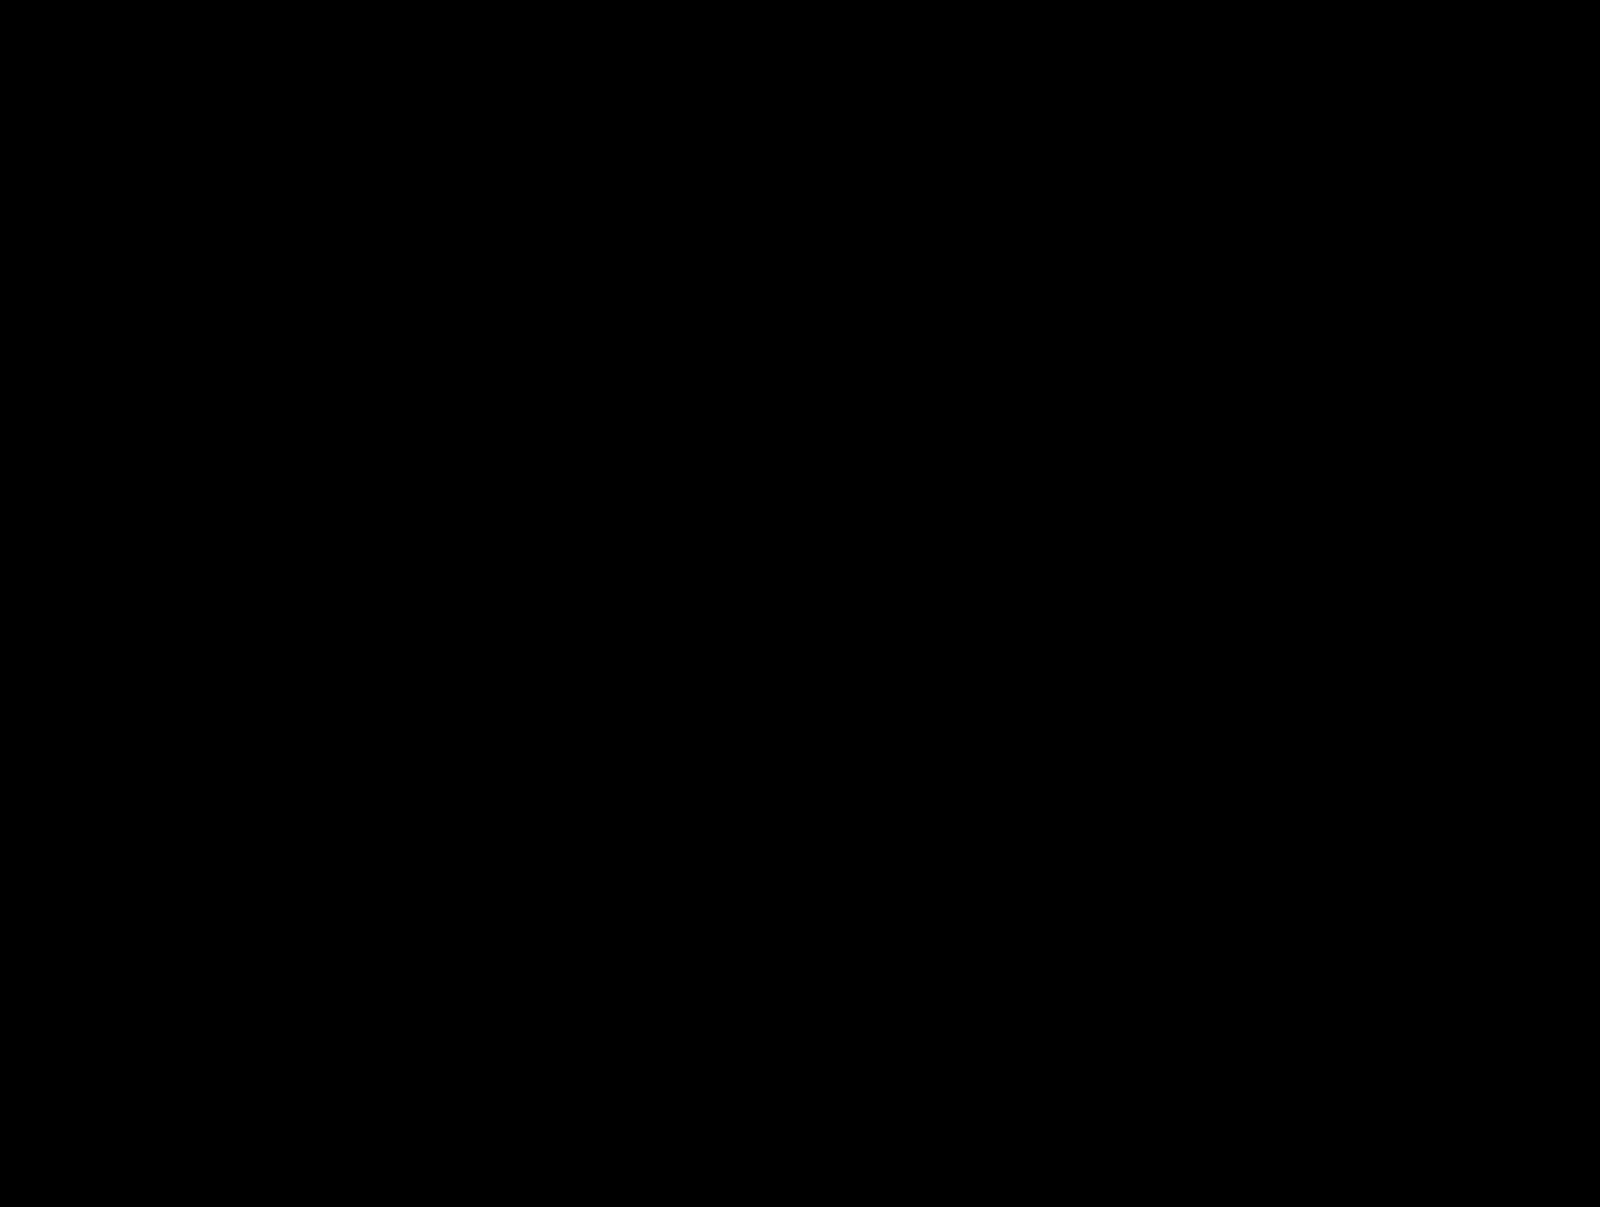 Cradle SVG Clip arts